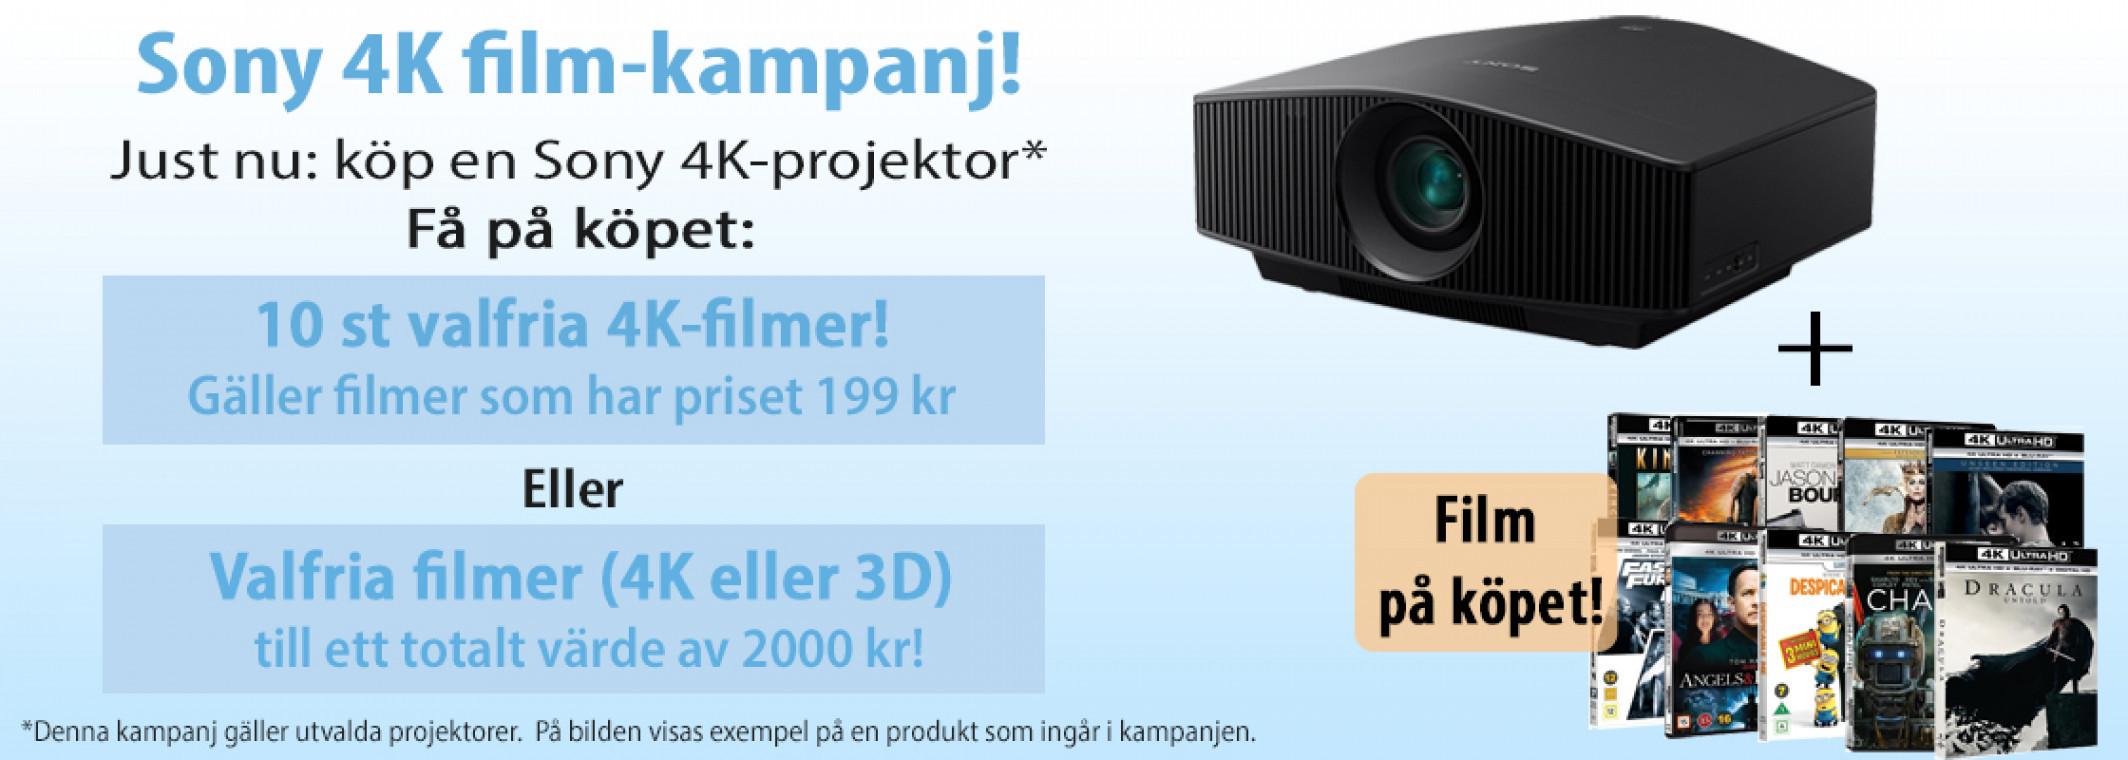 4k_film_kampanj.jpg